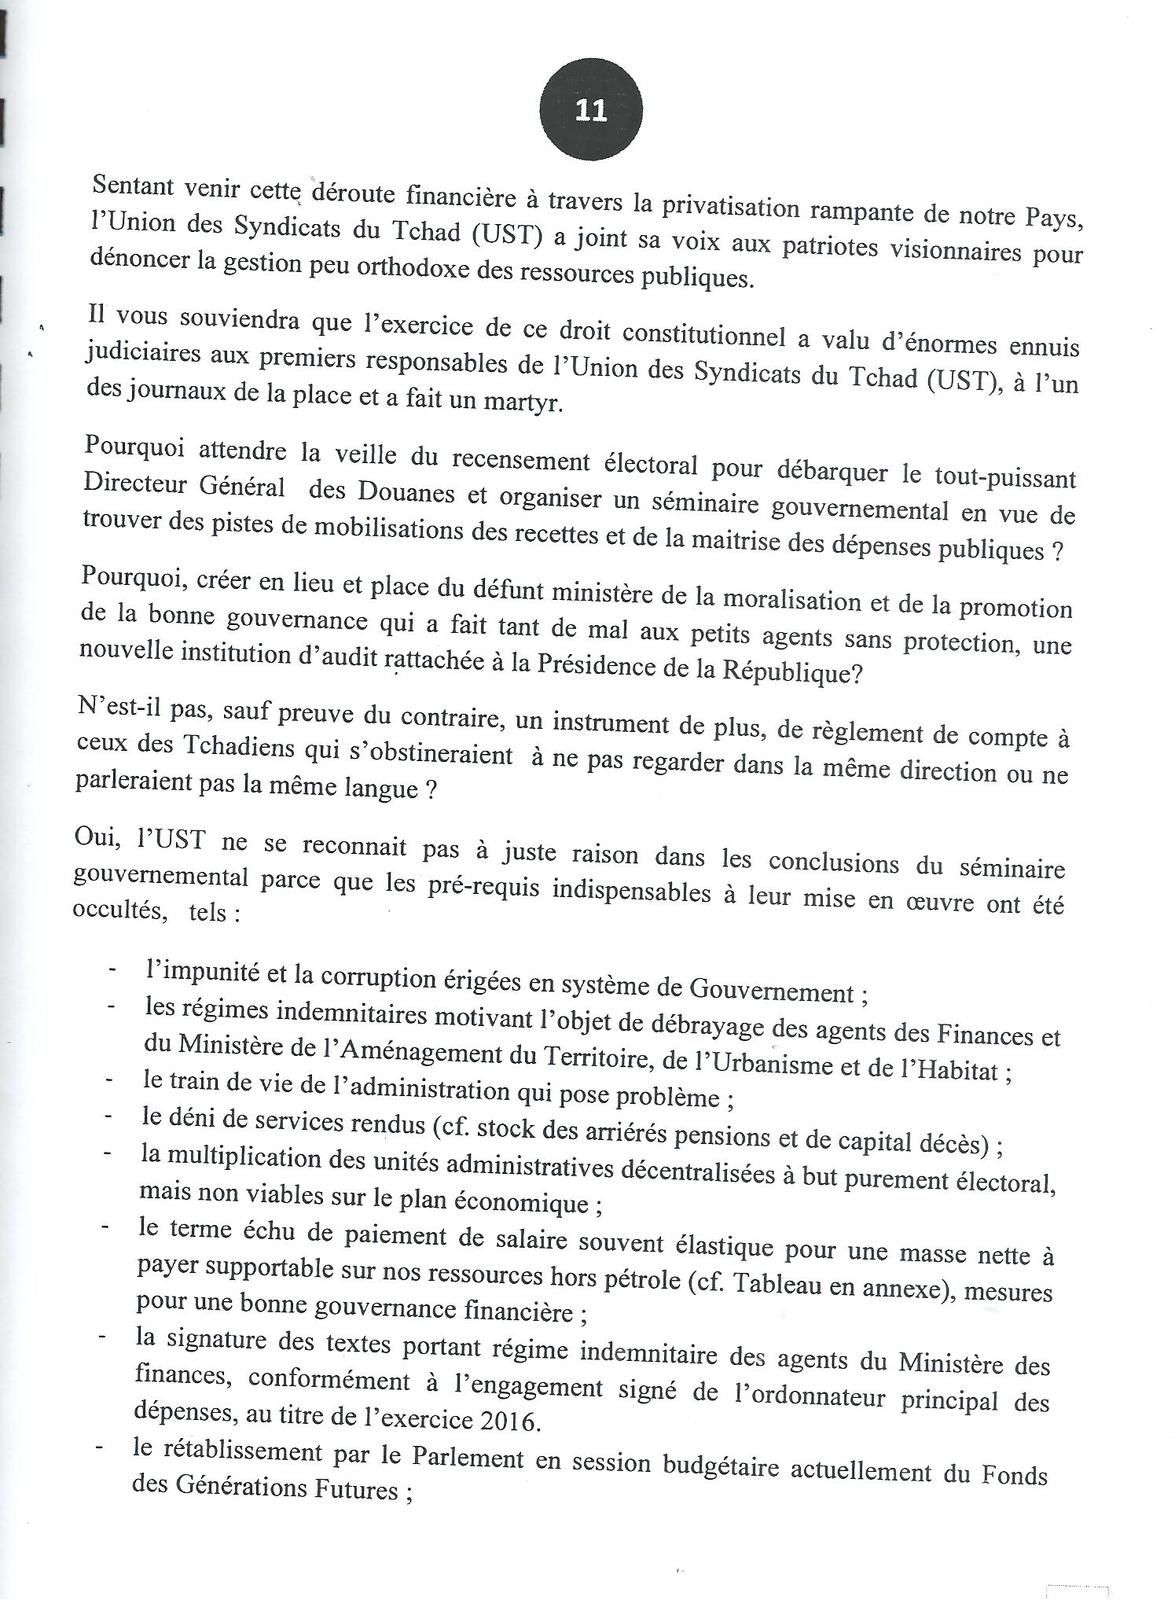 Appel de l'UST:Stop à la mauvaise gouvernance au Tchad